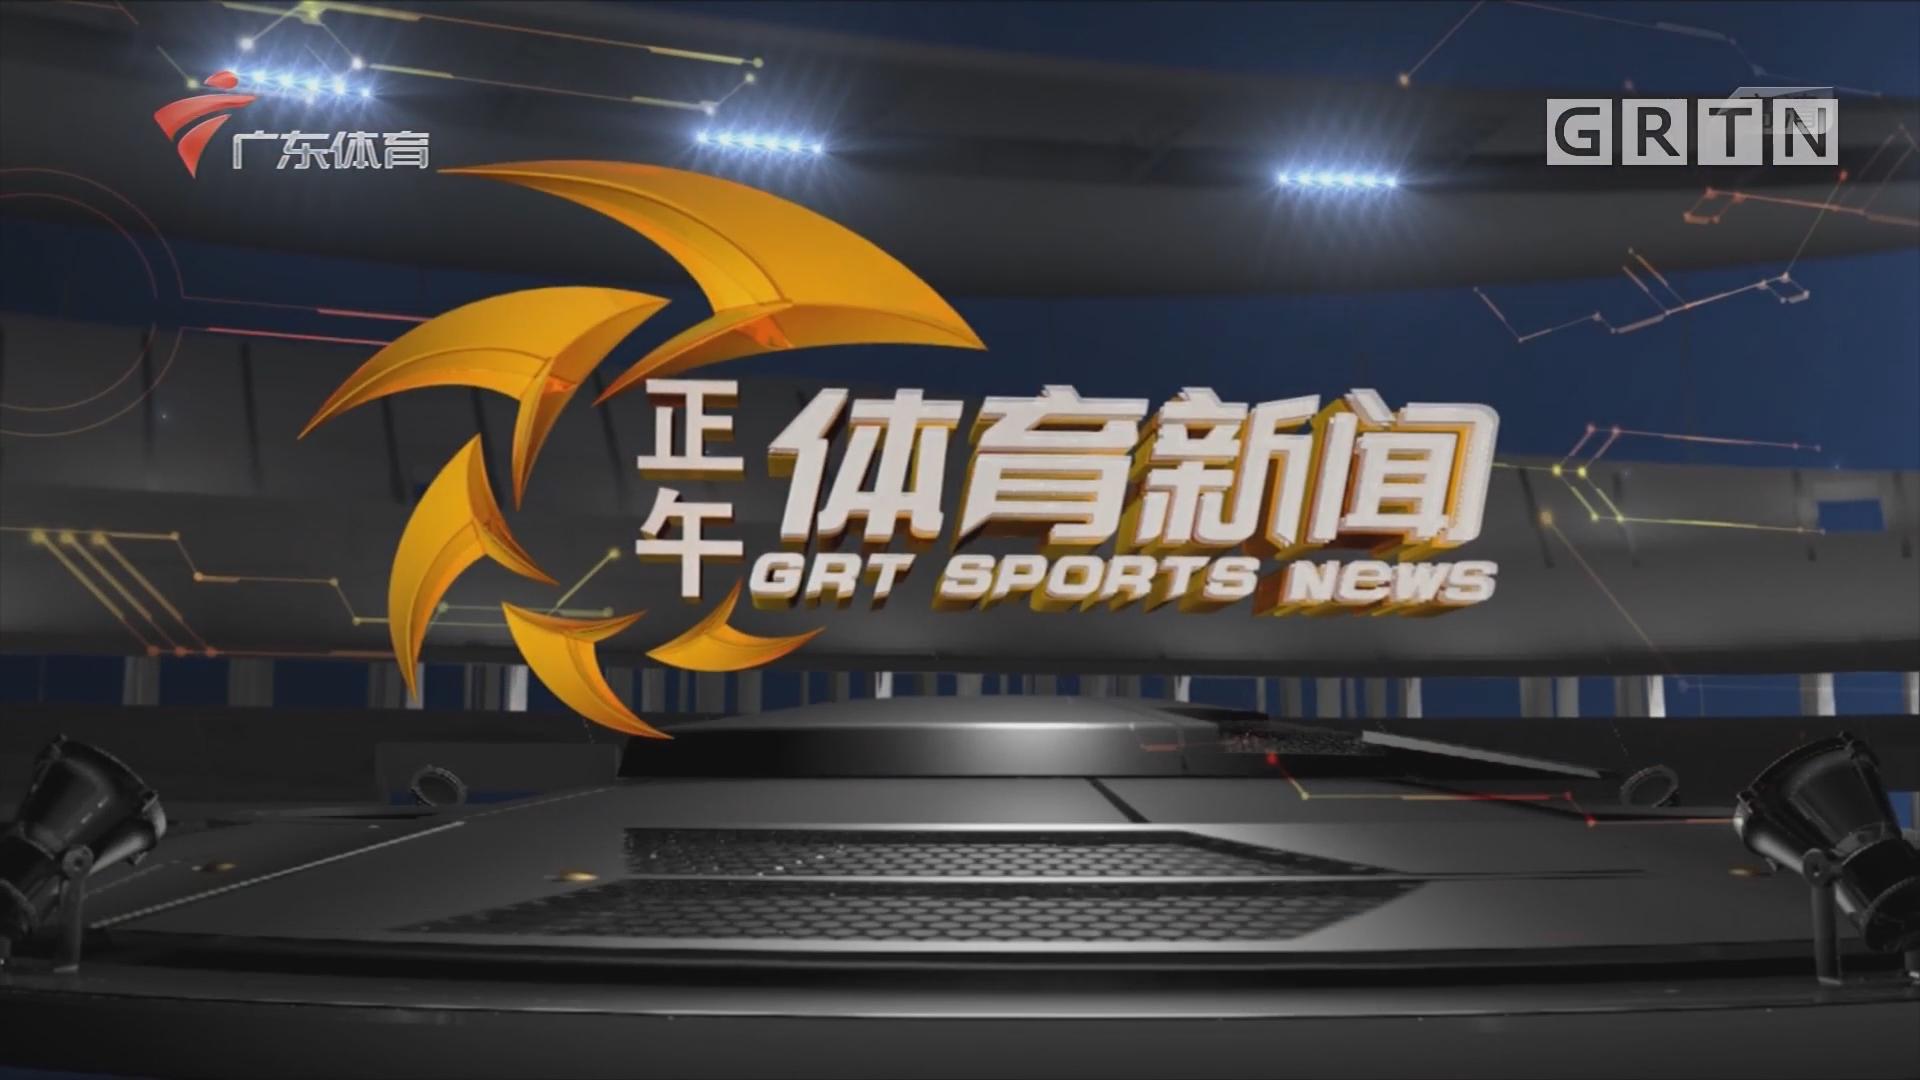 [HD][2020-03-04]正午体育新闻:国际奥委会:目前没有理由延办奥运 鼓励运动员积极备战